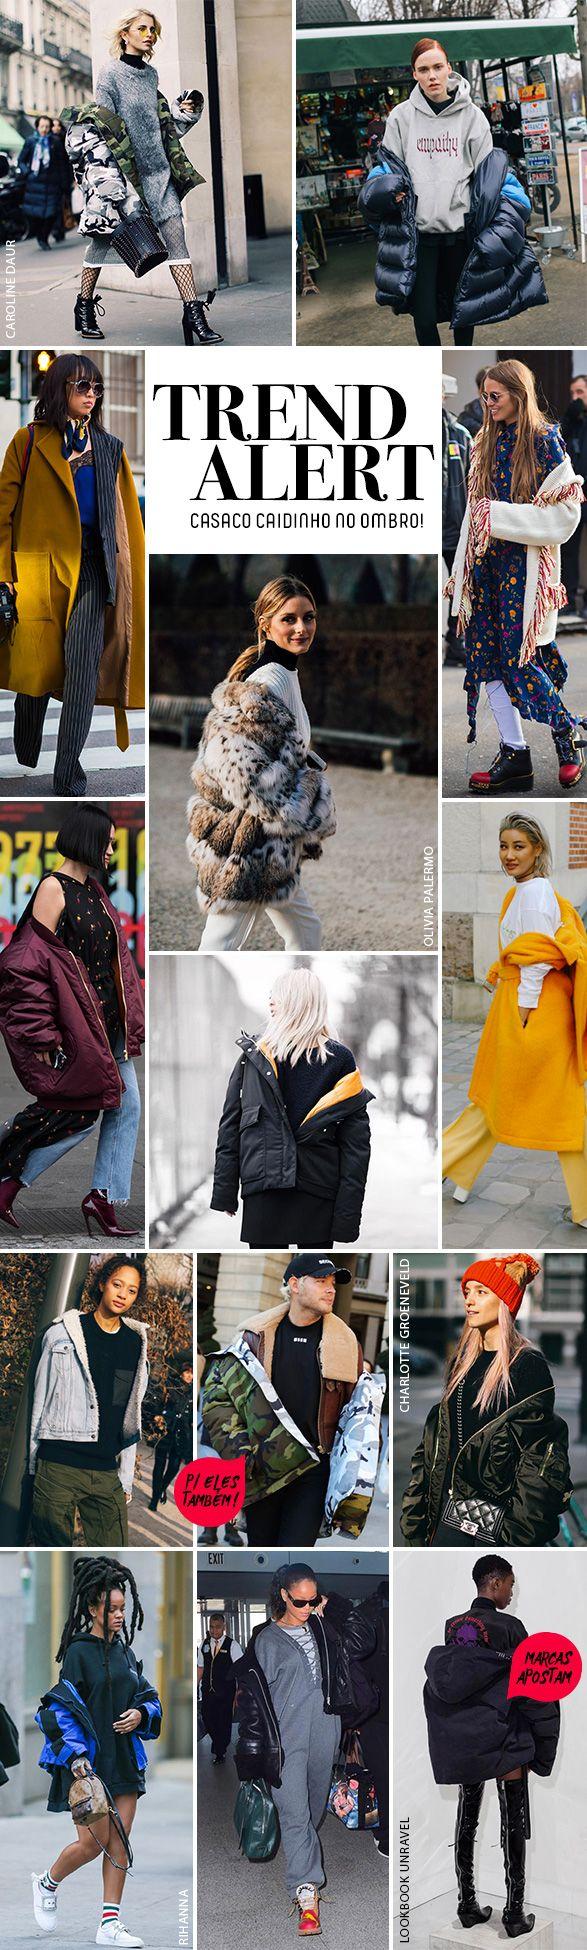 A mais nova tendência de 2017 e truque de styling-febre do street style: casaco caído no ombro!